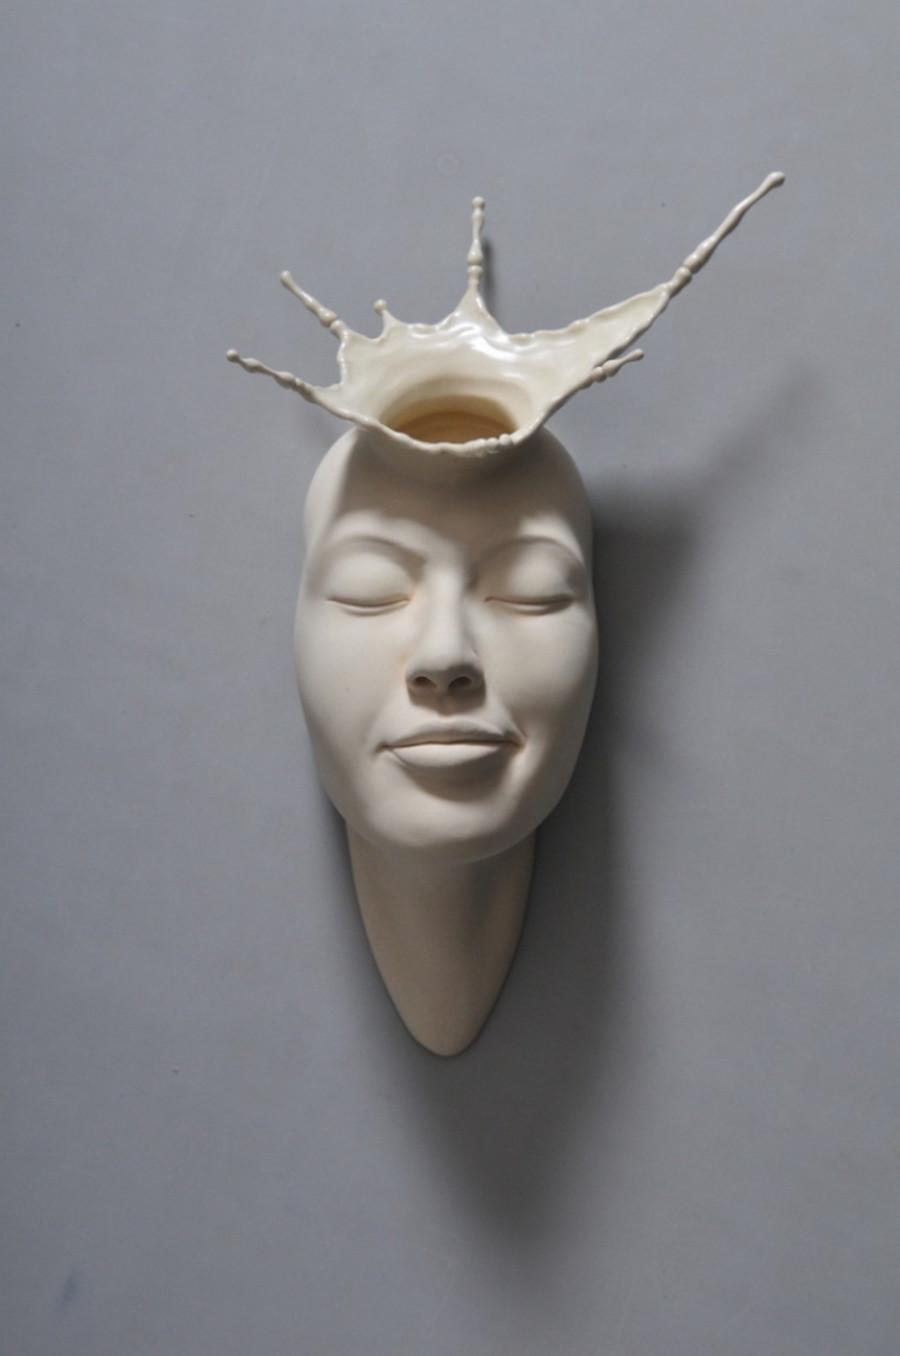 Minti deschise: Sculpturi suprarealiste din portelan - Poza 9